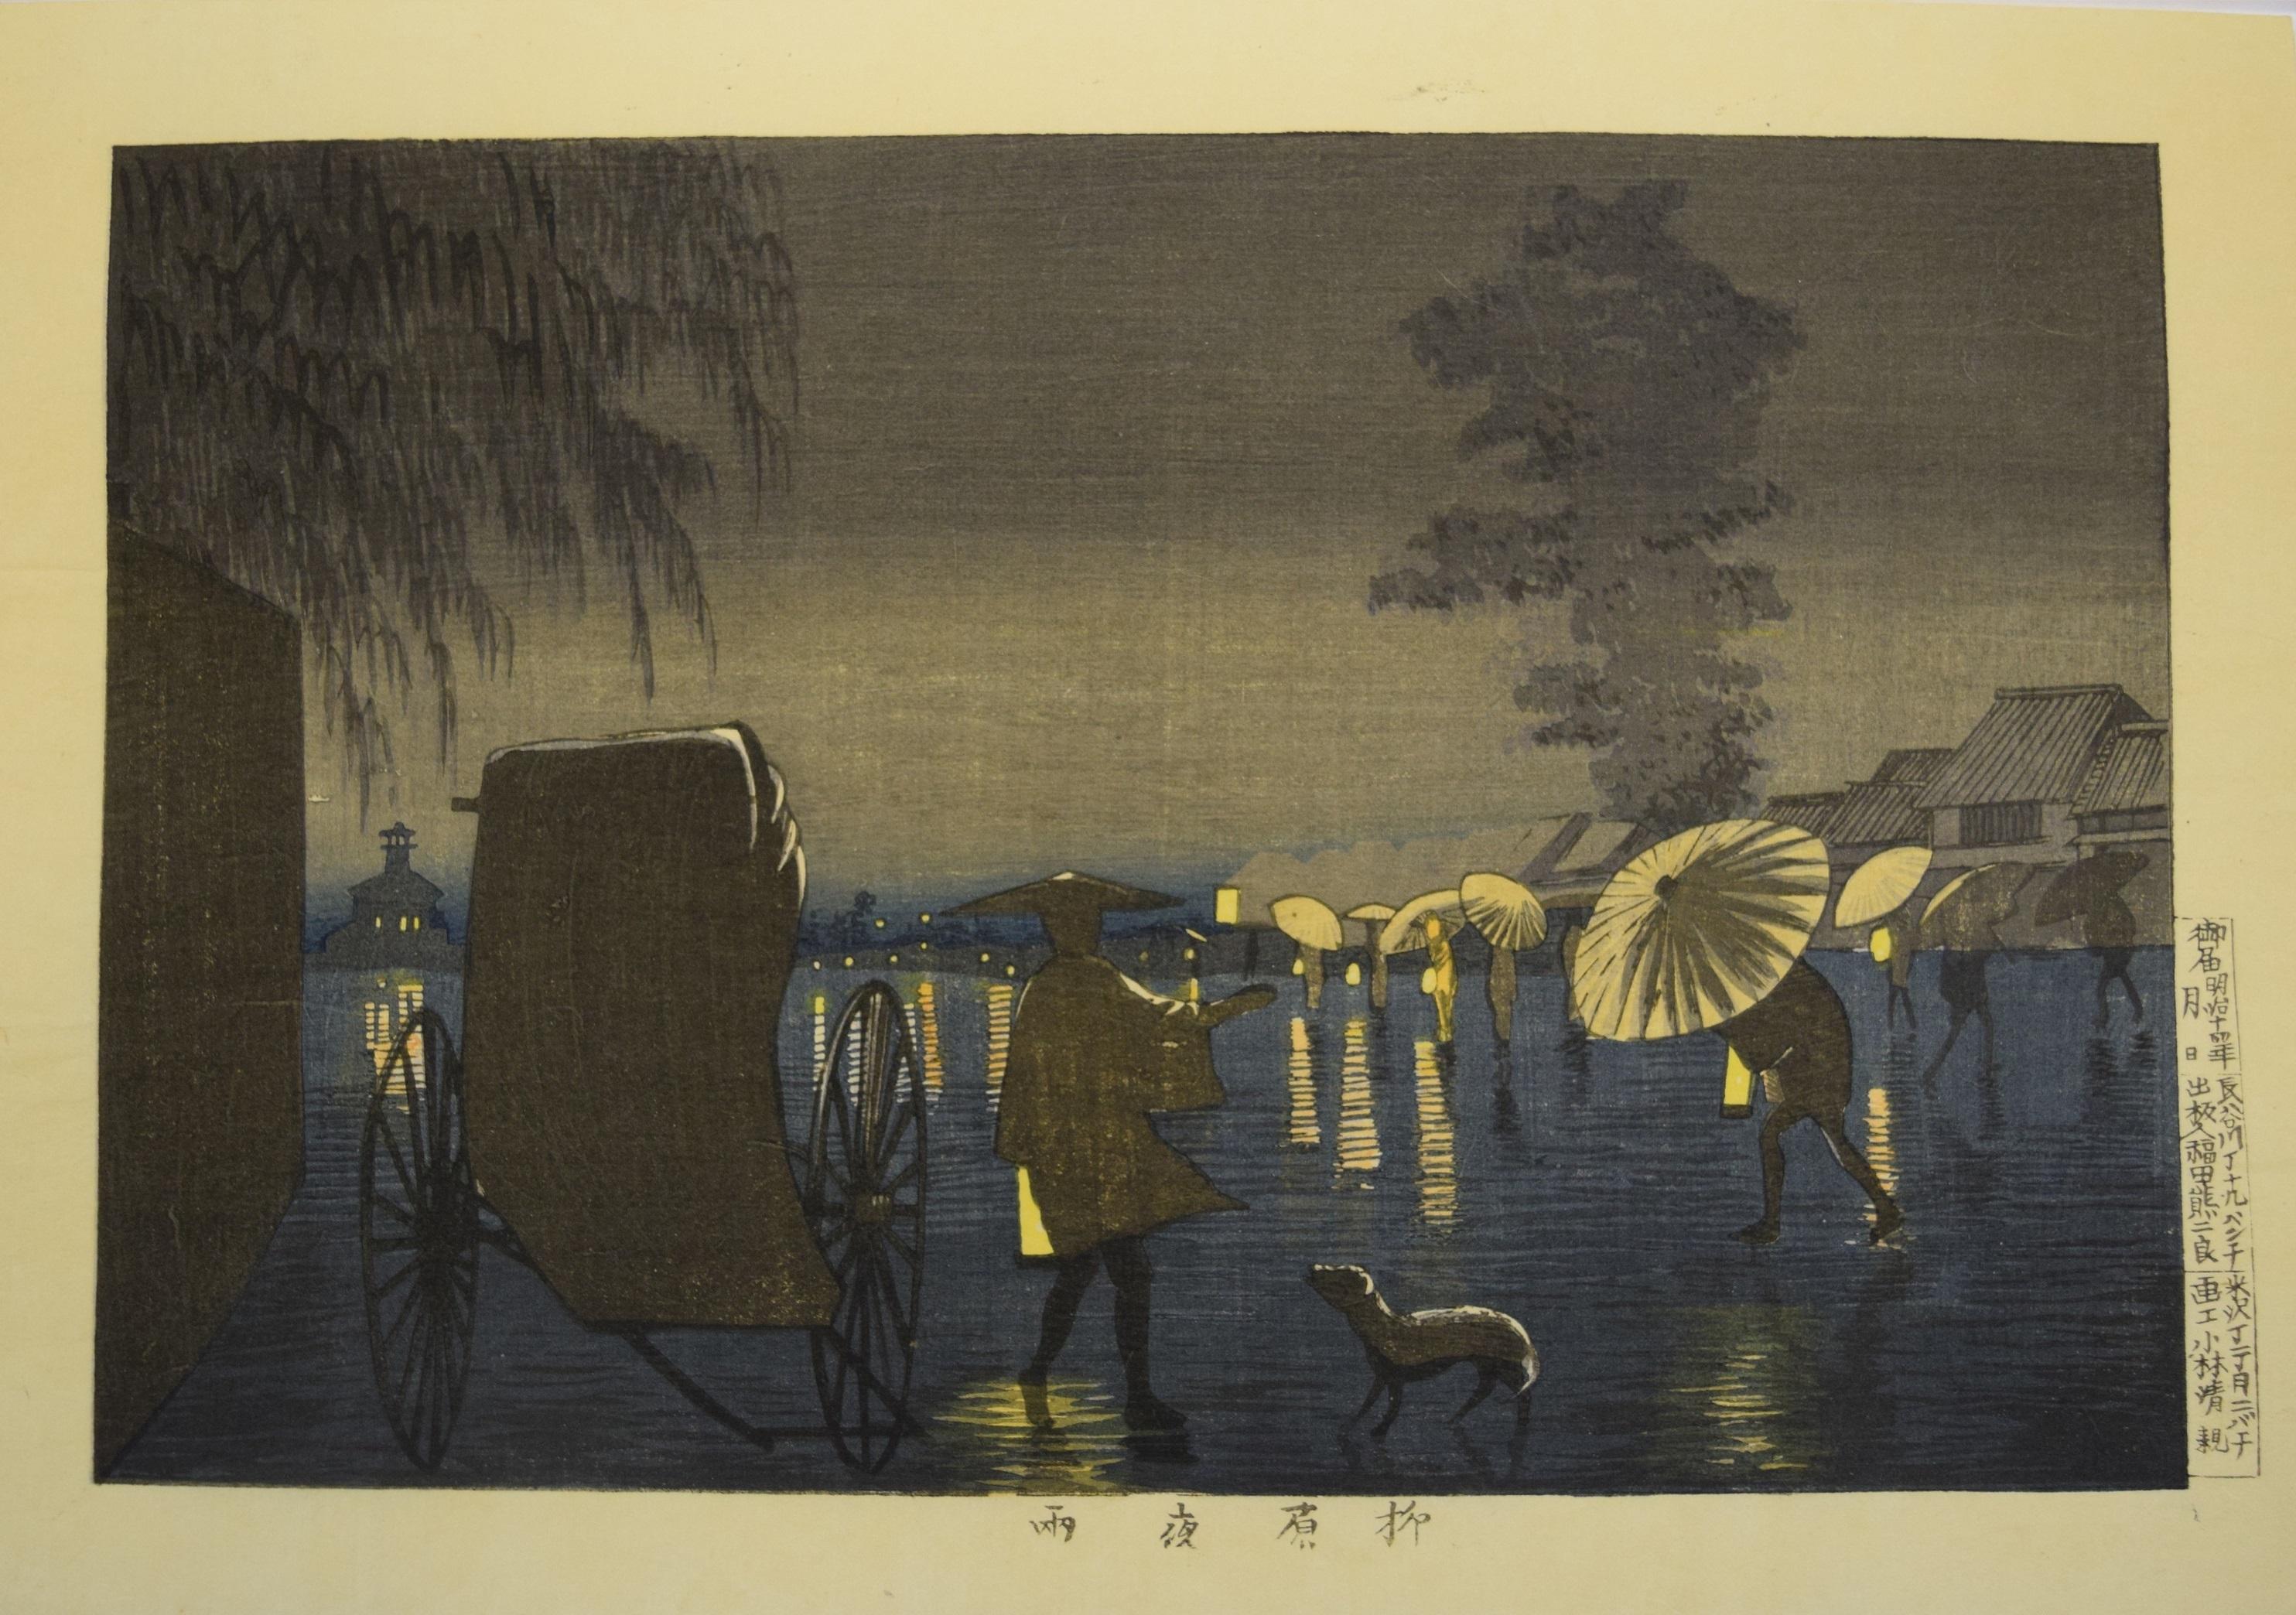 作家名:小林 清親 作家英語名:Kobayashi Kiyochika 作品名:柳原夜雨 作品英語名:Rainy Night in Yanagiwara 店名:西楽堂